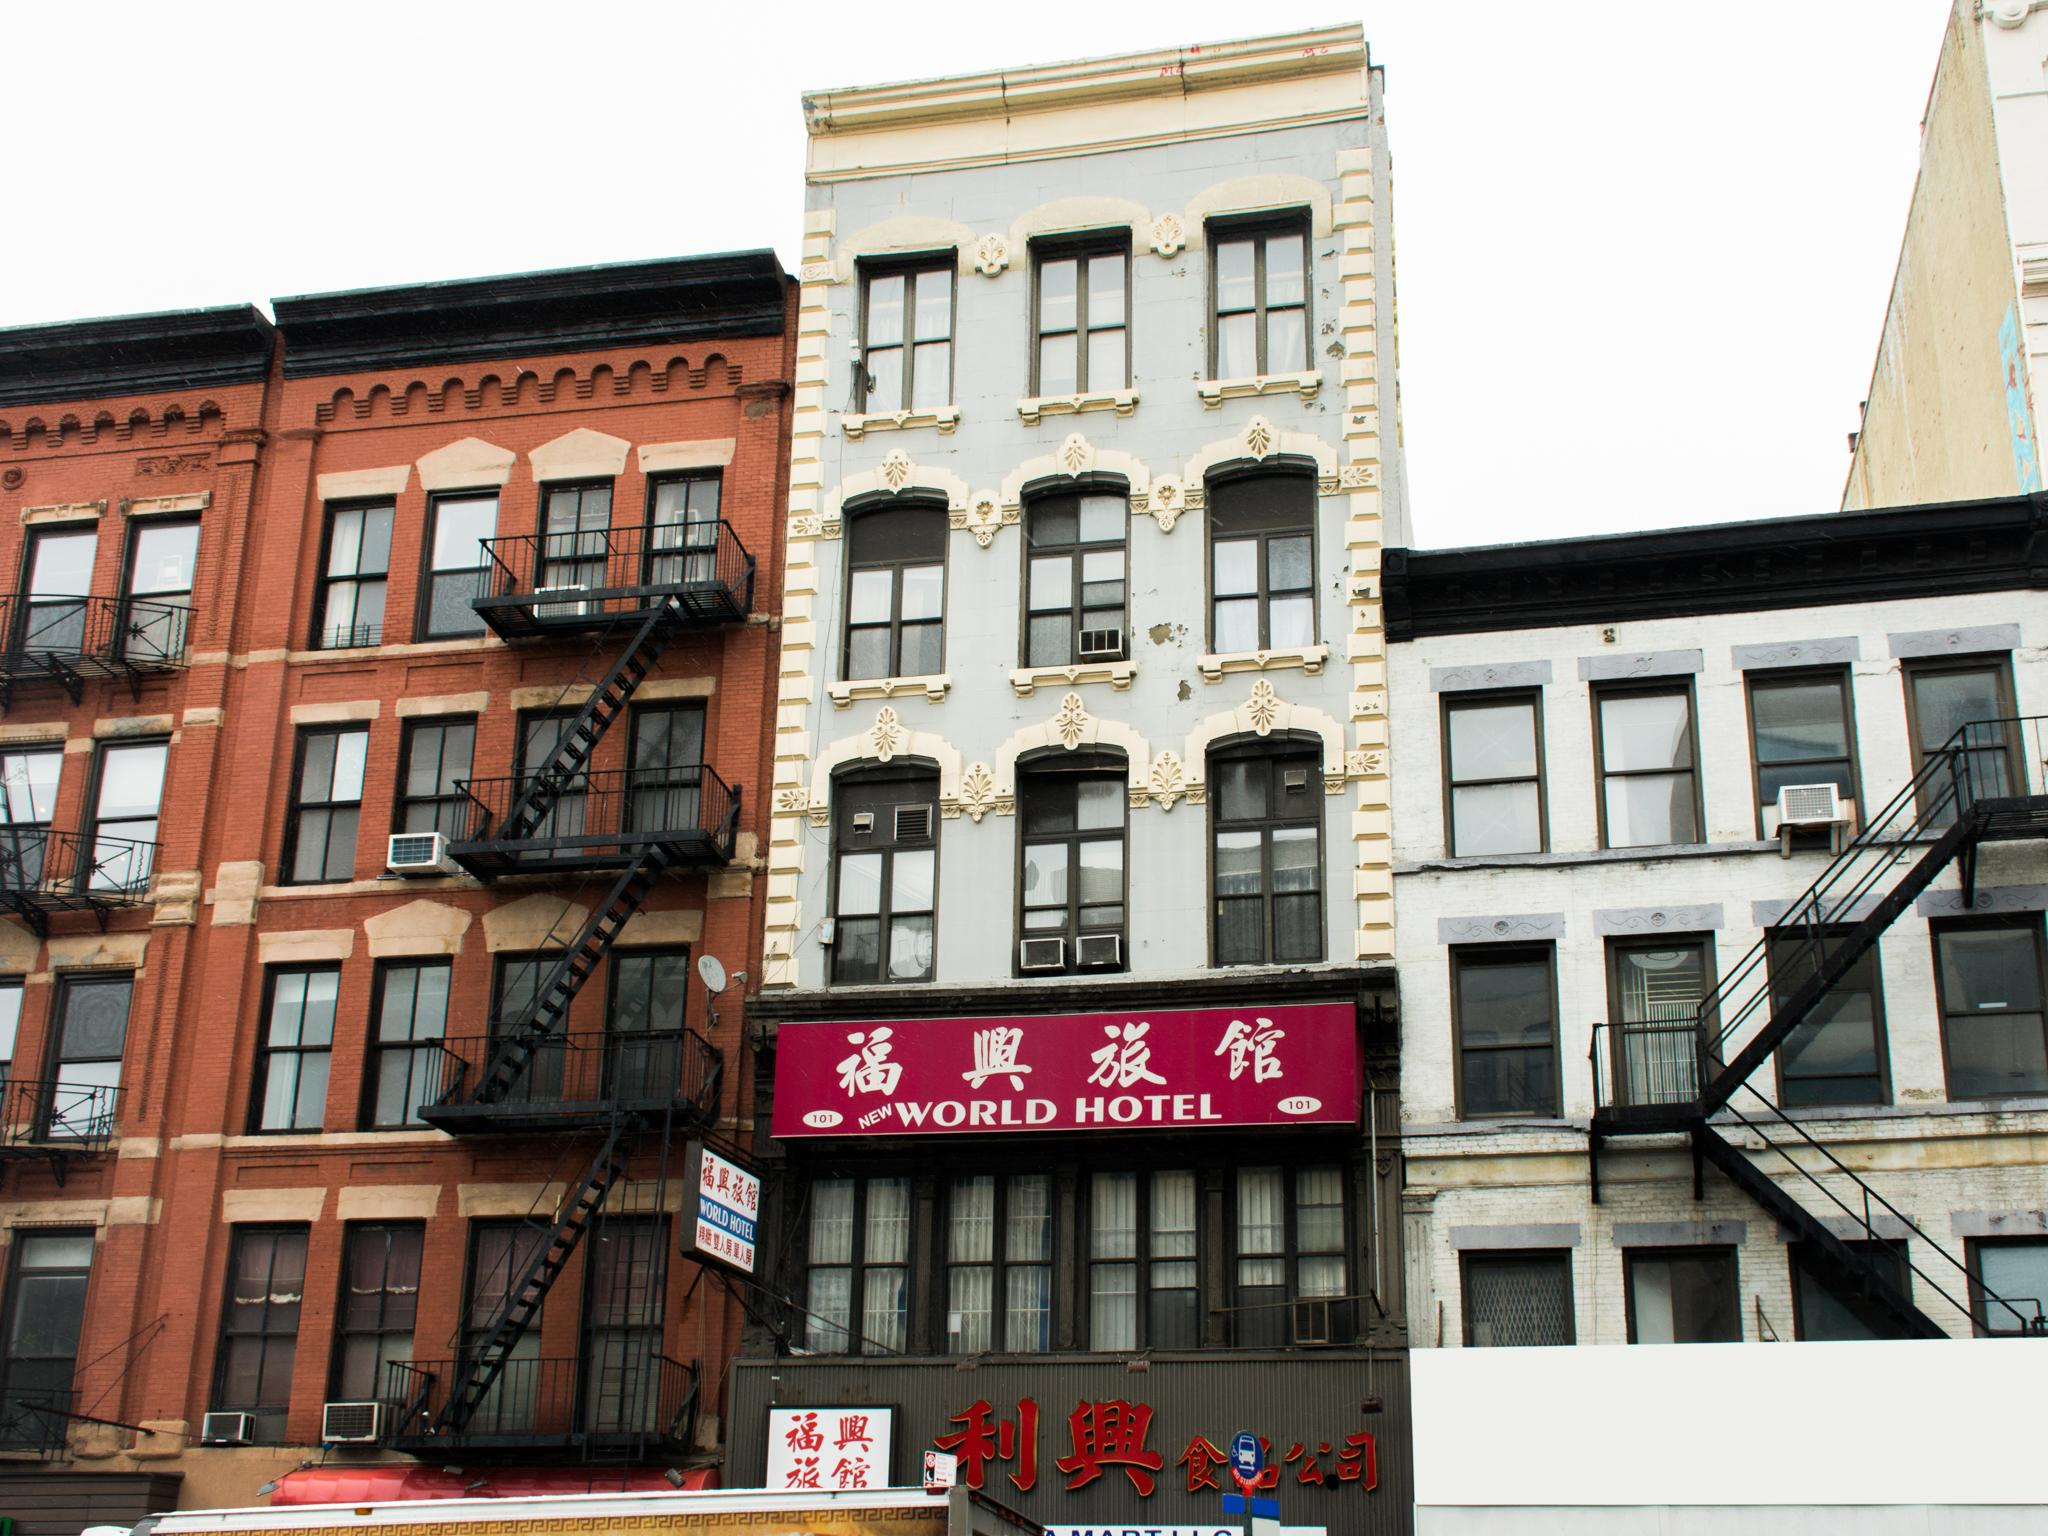 紐約(NY) 新世界酒店 (New World Hotel)_預訂優惠價格_地址位置_聯系方式